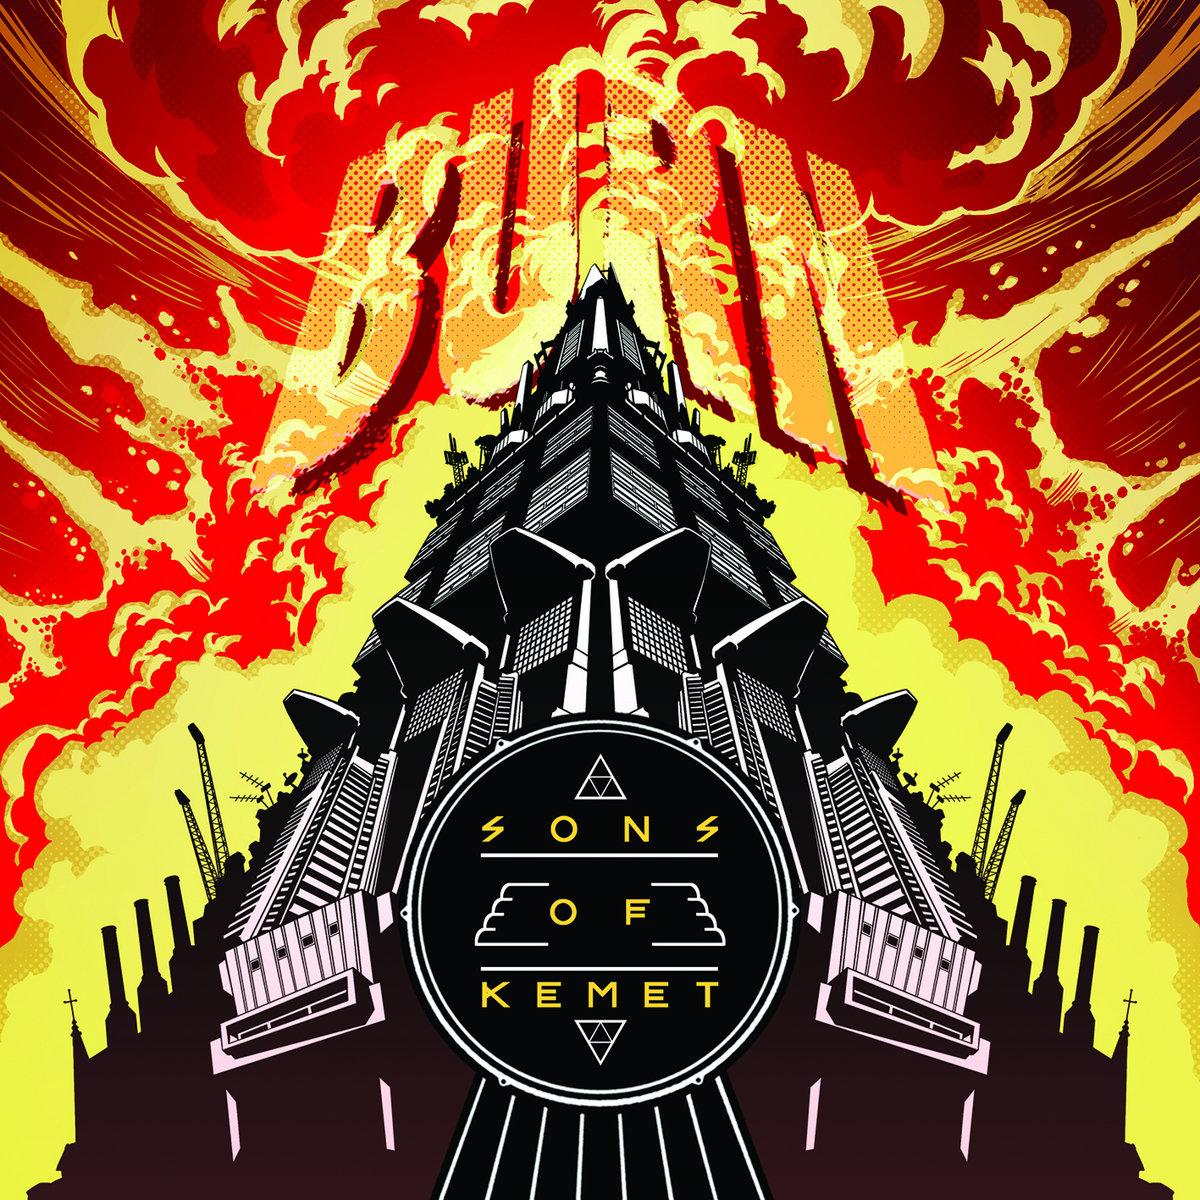 Burn | Sons Of Kemet